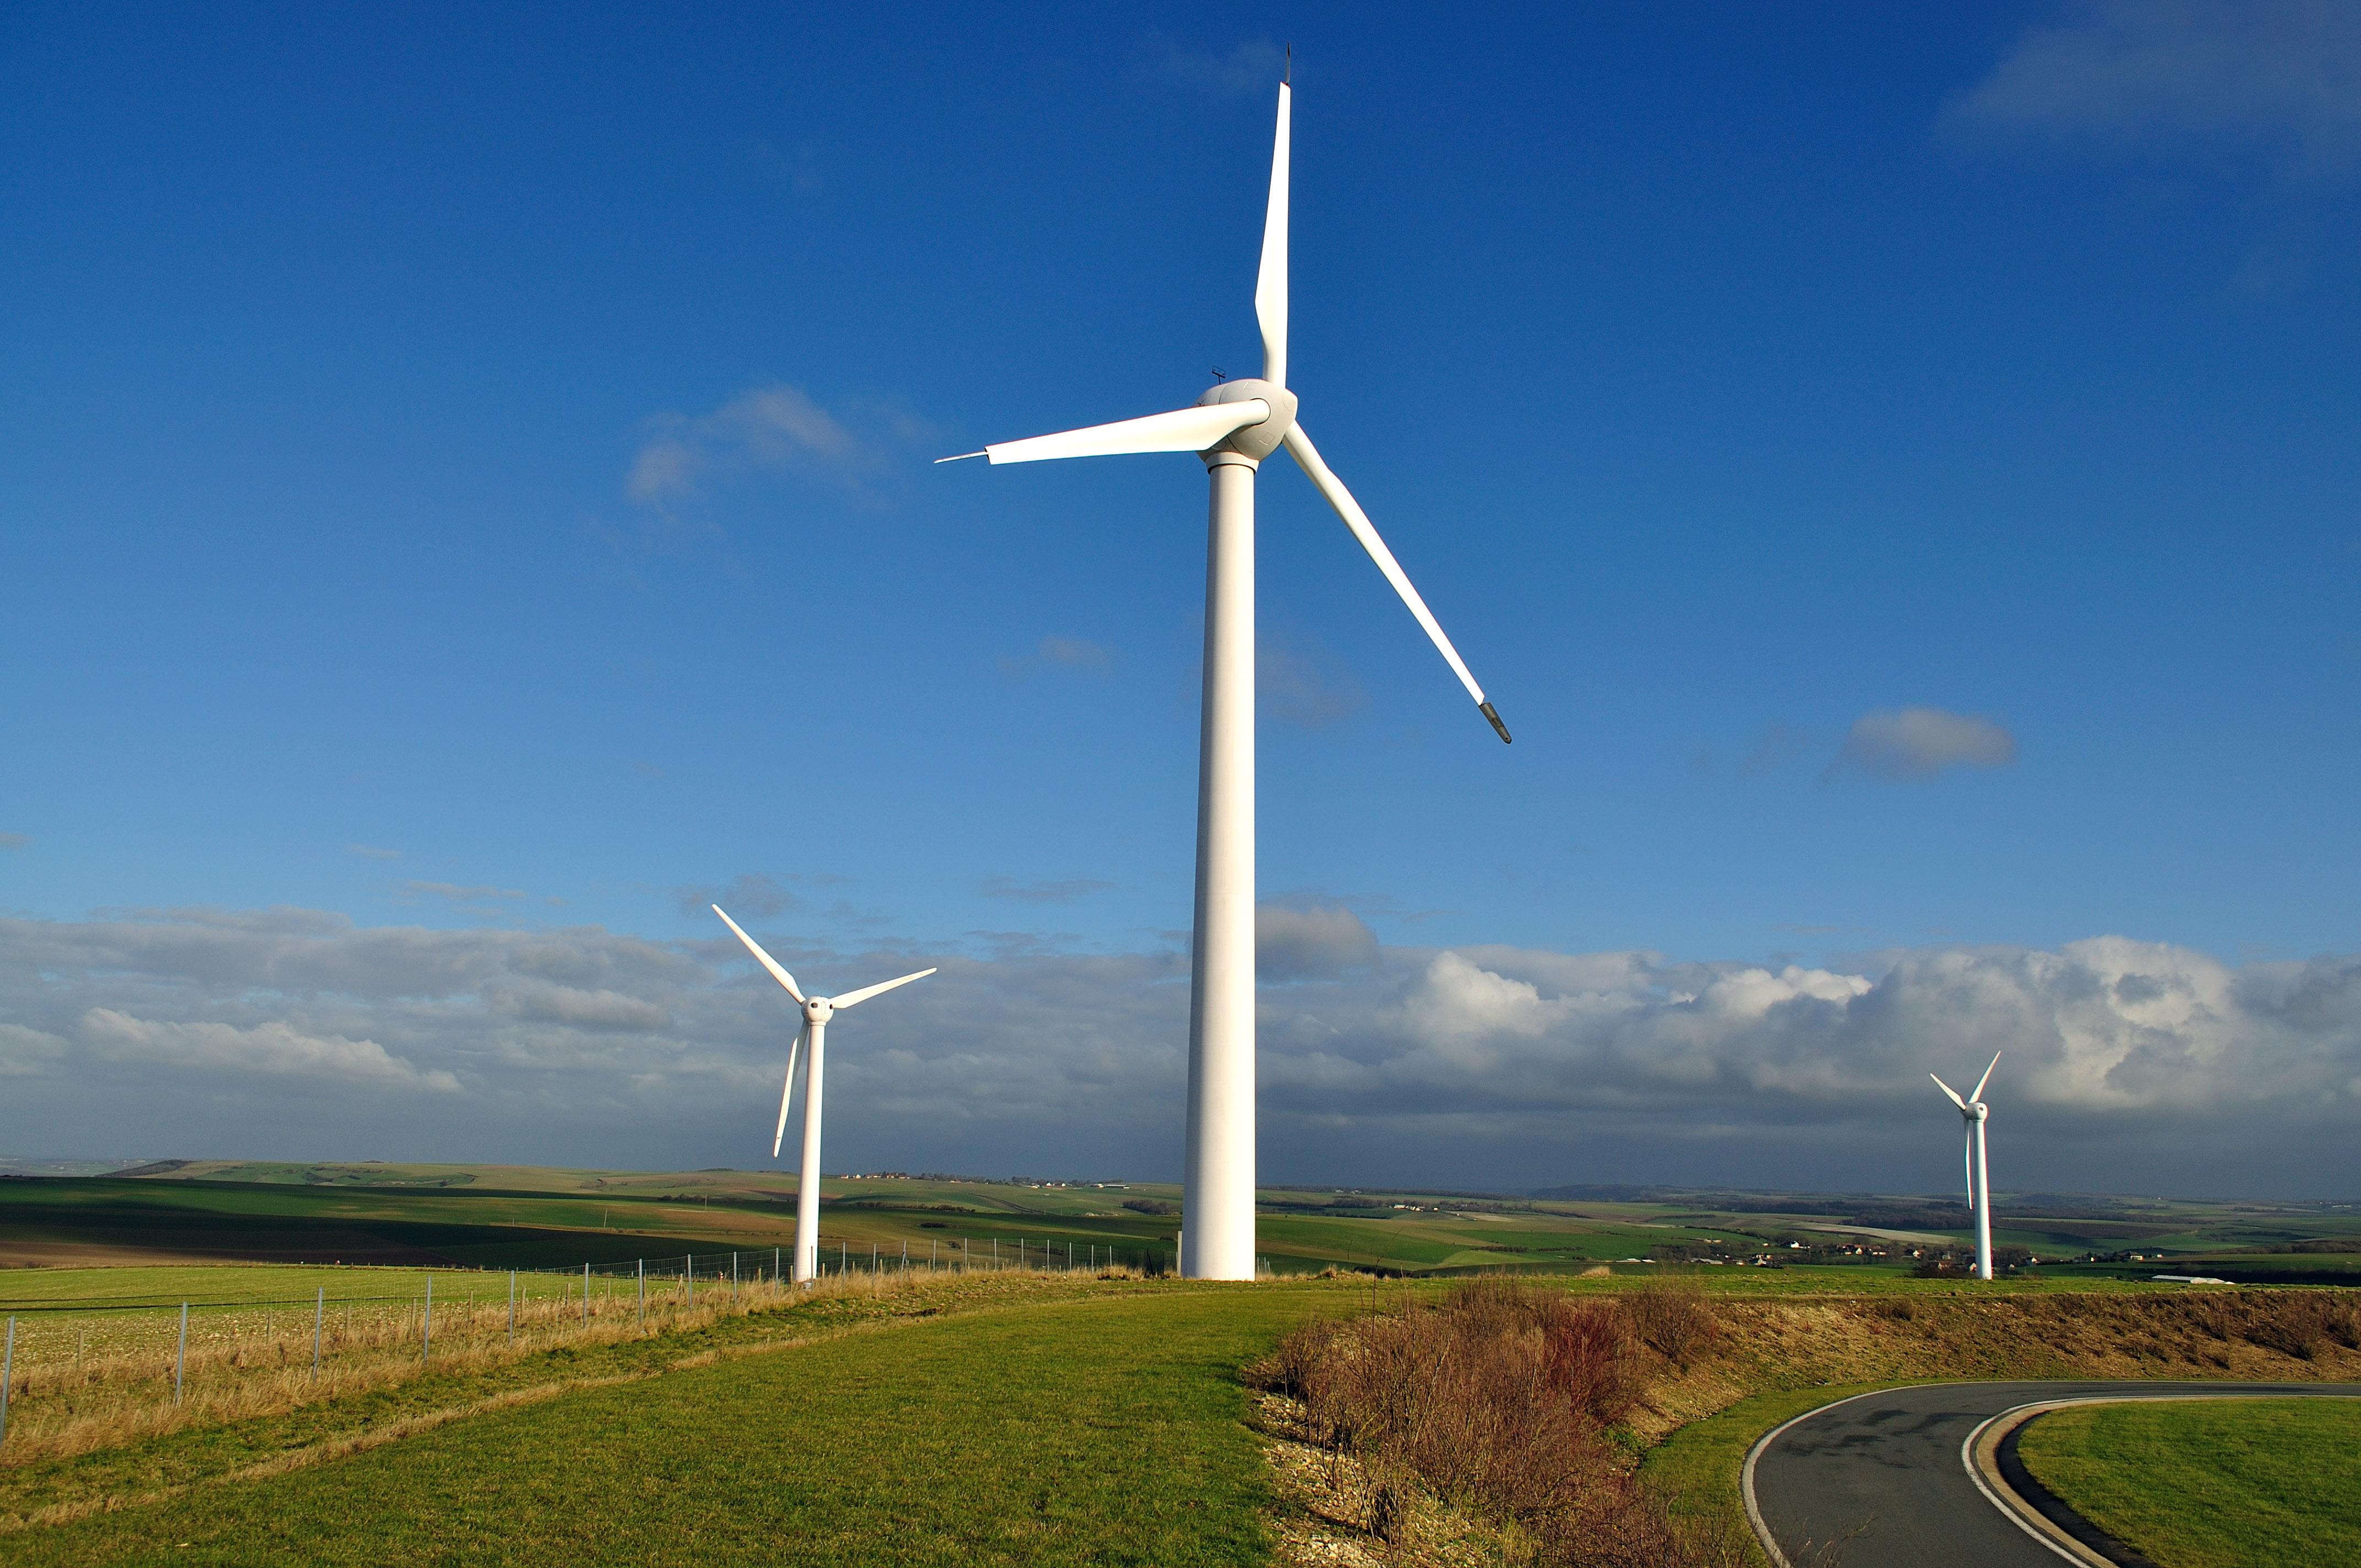 La capacidad eólica mundial supera los 250.000 MW